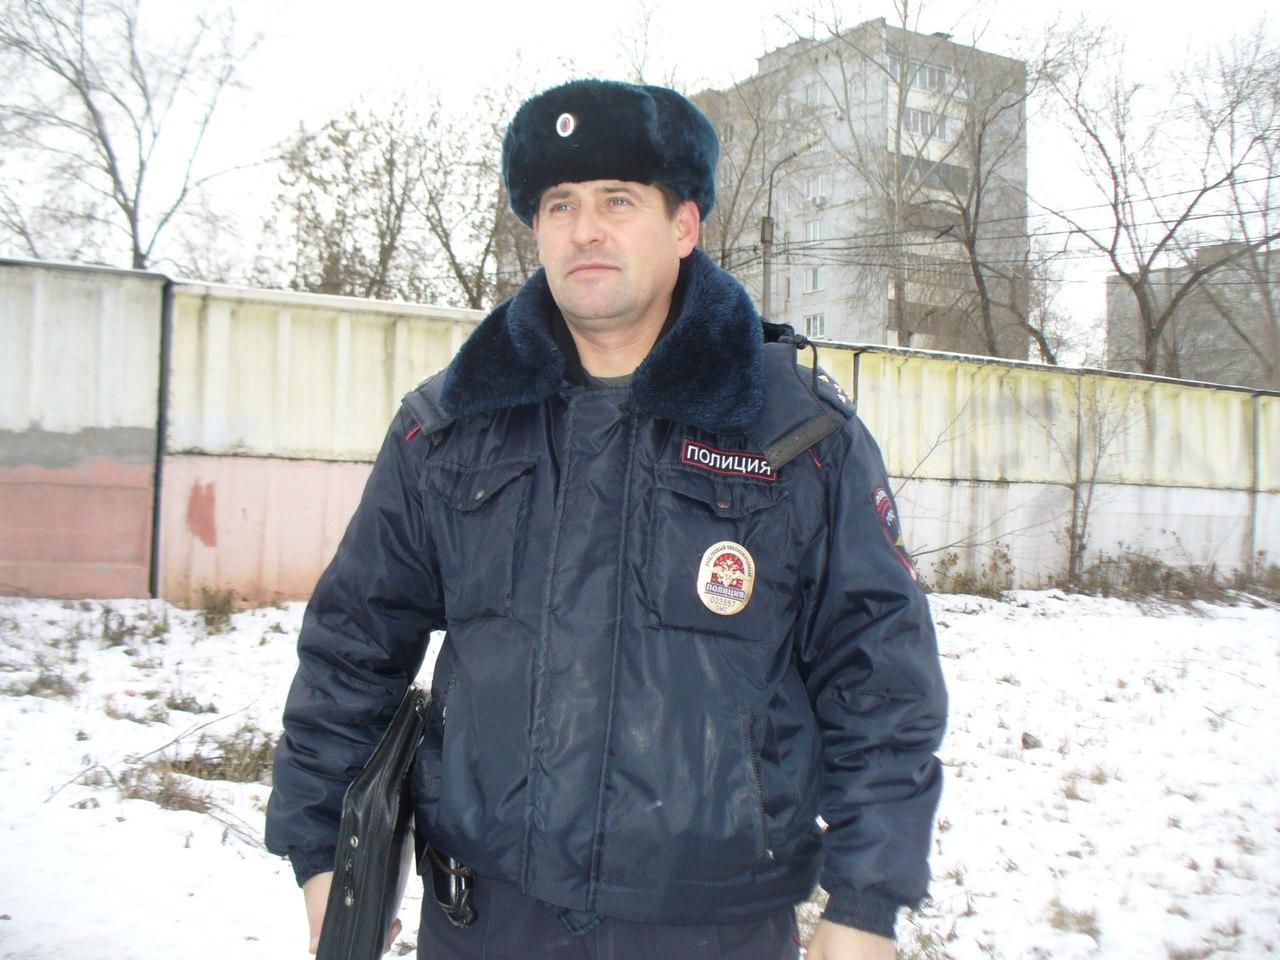 Омский полицейский вызволил застрявших между гаражами щенков при помощи масла иверевки